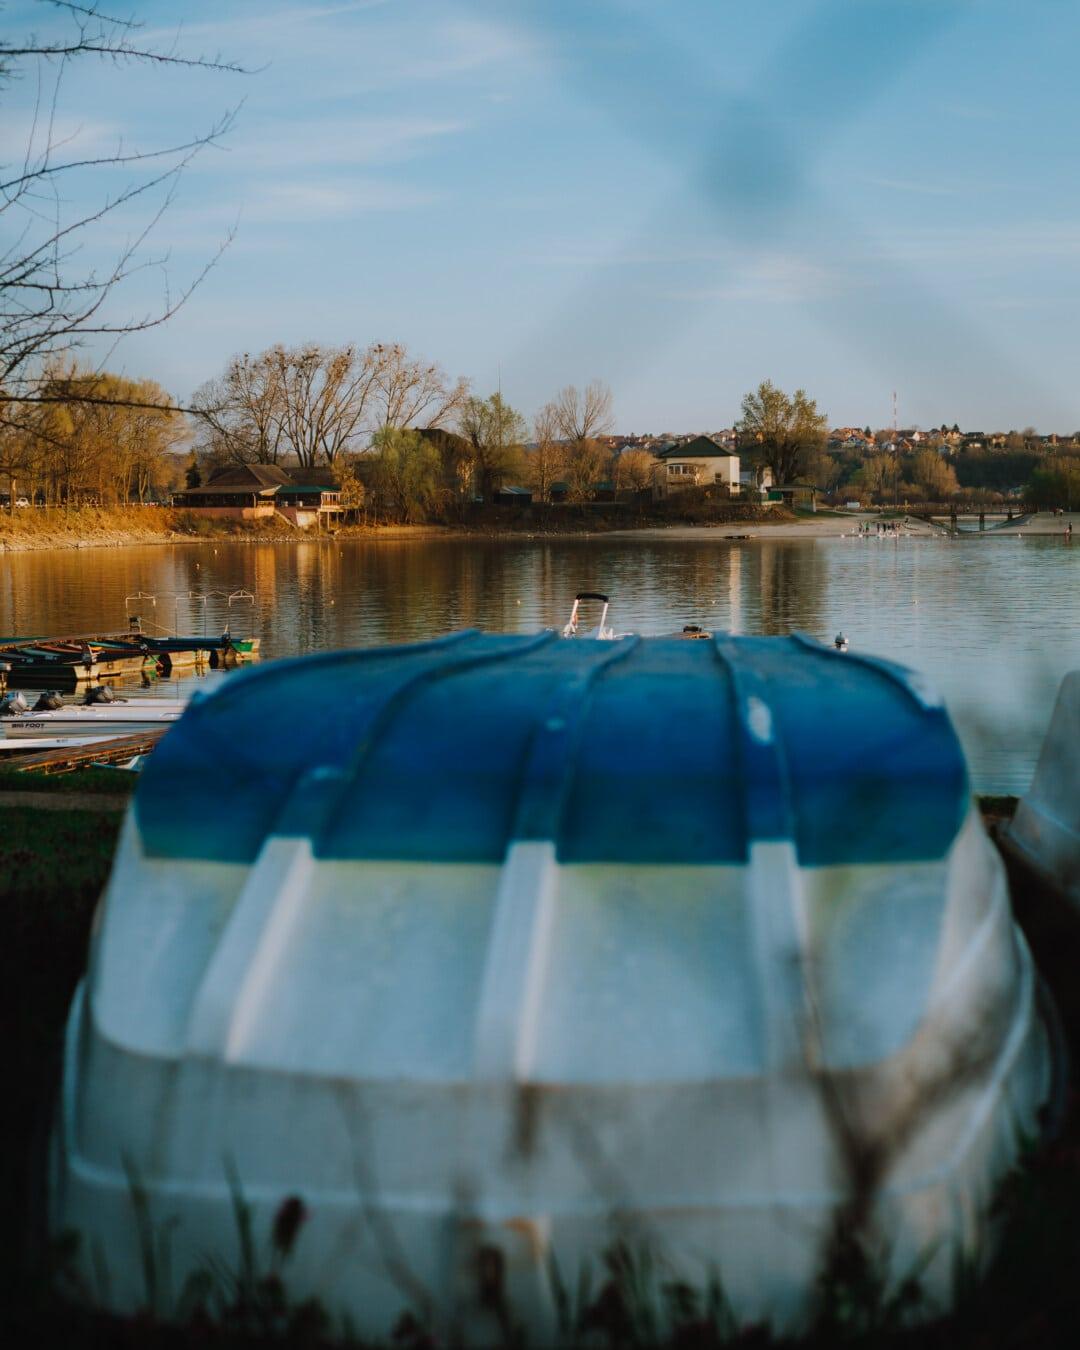 bateau, berge, rivière, bateau de rivière, heure d'été, zone de villégiature, eau, réflexion, nature, à l'extérieur